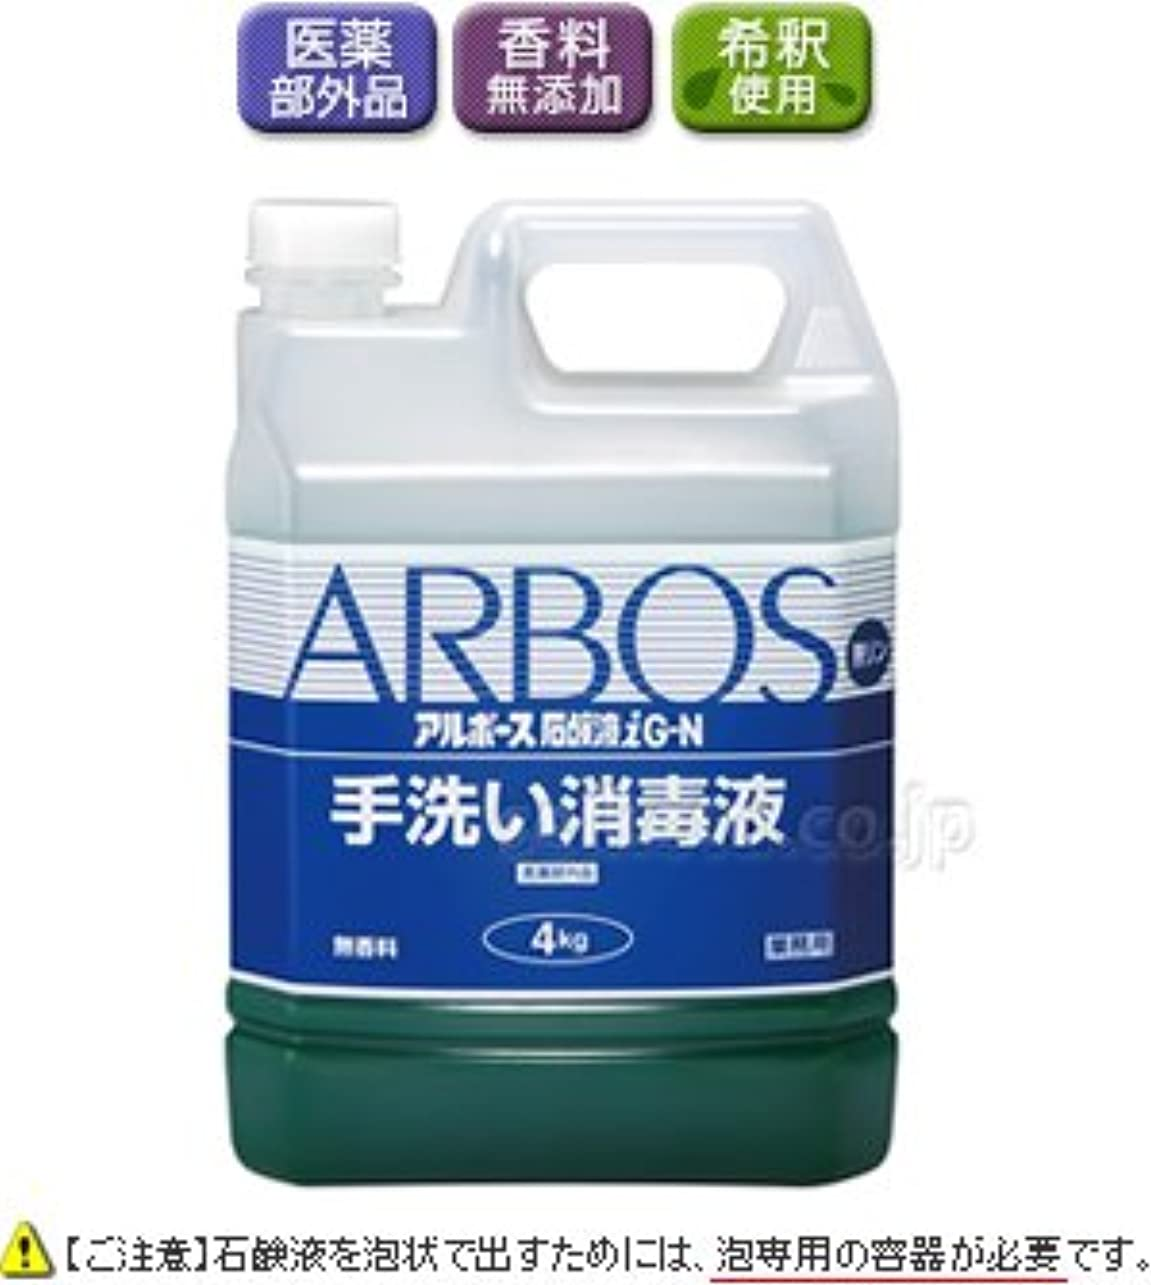 の頭の上テクトニック経由で【清潔キレイ館】アルボース石鹸液iG-N(4kg×1本)